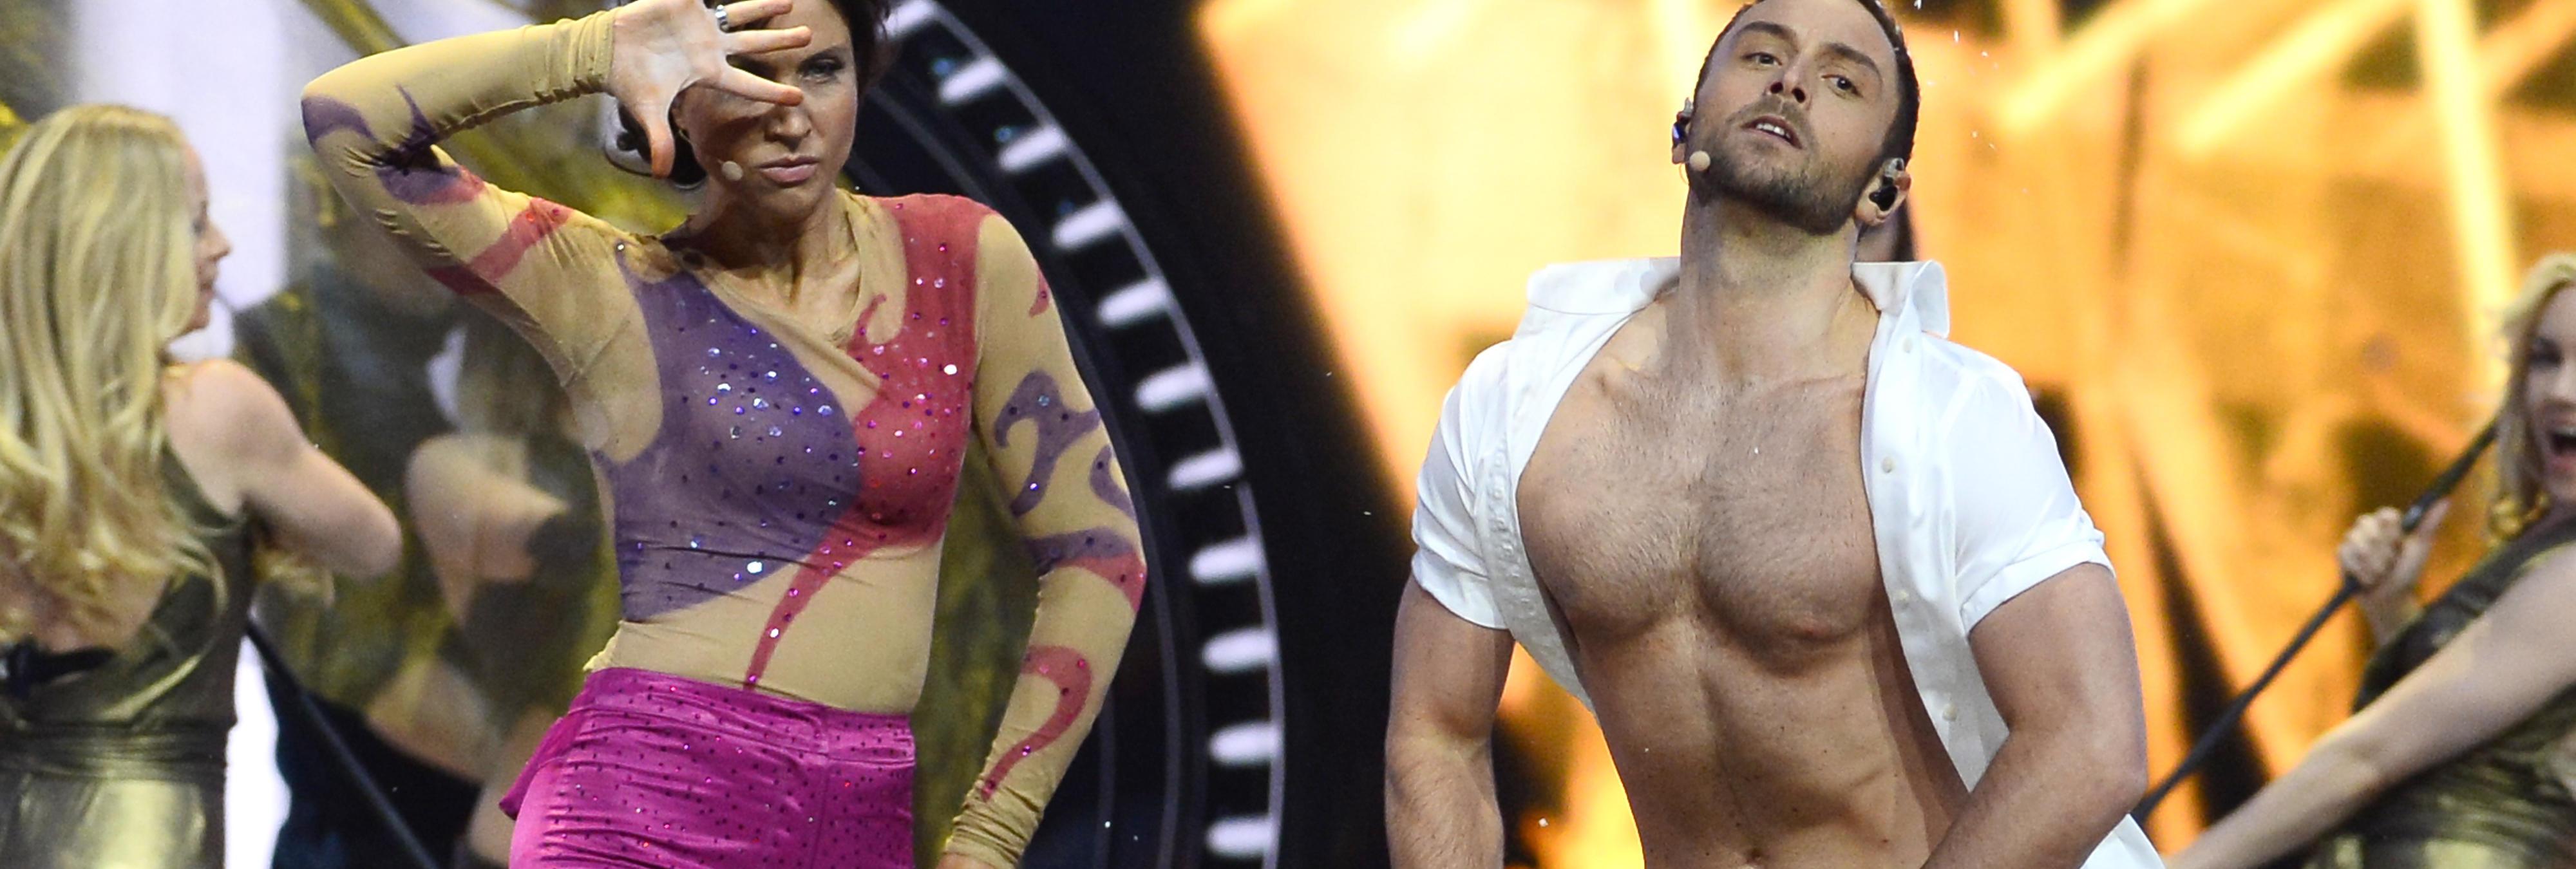 El consumo de porno disminuyó durante la emisión de Eurovisión 2016